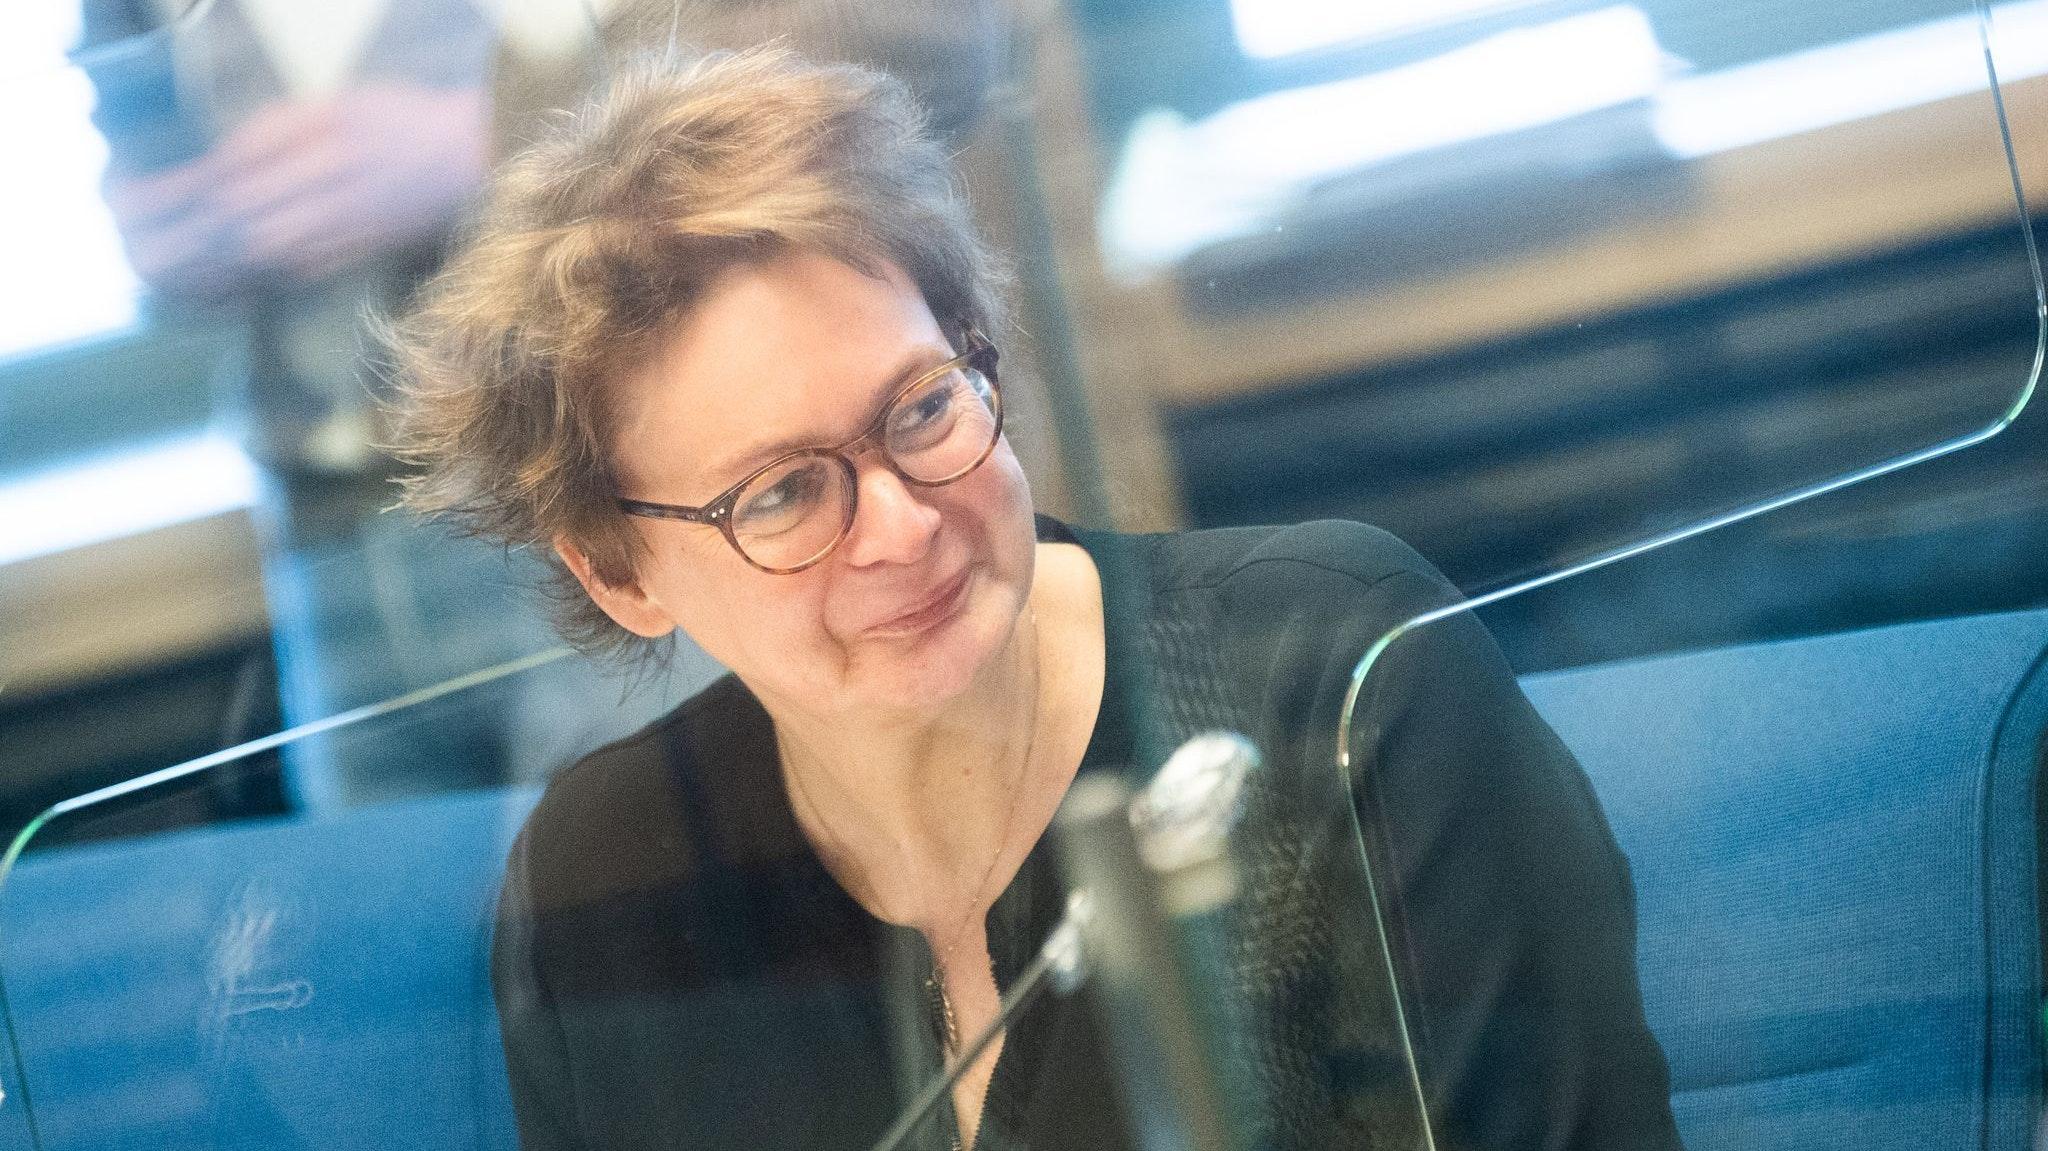 """""""Jeder kann seinen Start selber definieren"""", sagte Gesundheitsministerin Daniela Behrens (SPD) am Dienstag in Hannover. Foto: dpa/Stratenschulte"""